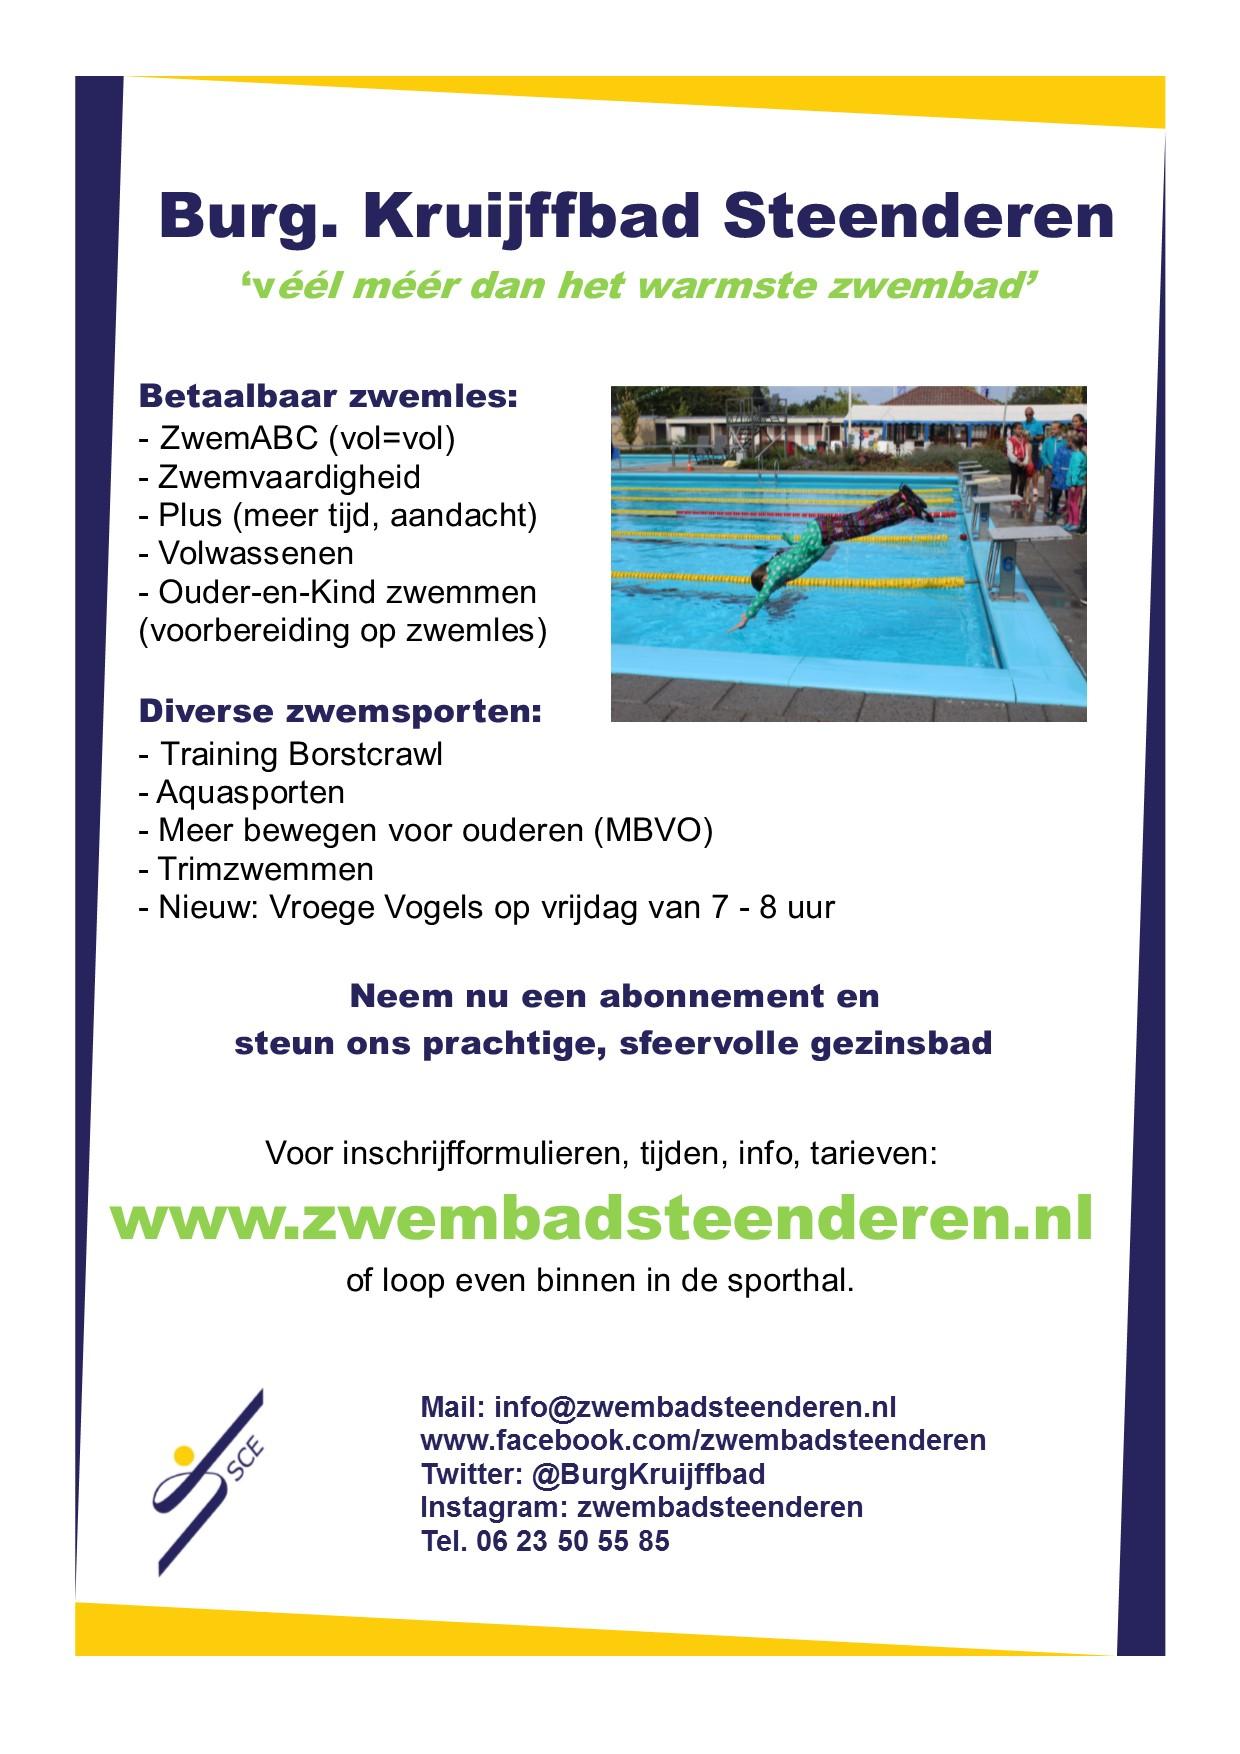 We Zoeken 1 Persoon Om 1 Flyer Te Bezorgen Zwembad Burgemeester